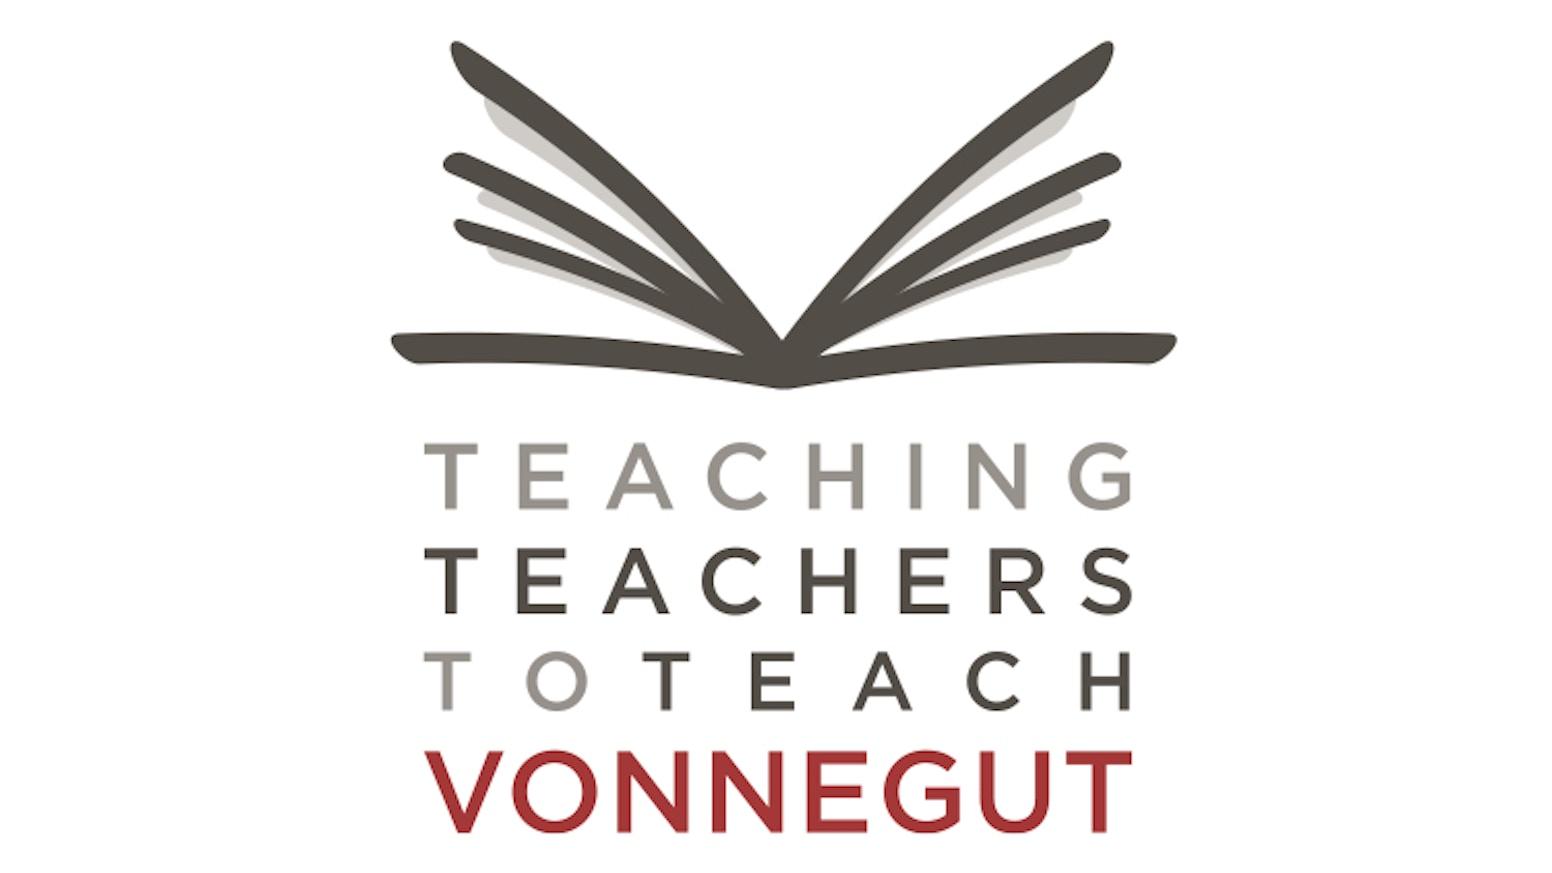 Teaching Teachers to Teach Vonnegut by Kurt Vonnegut